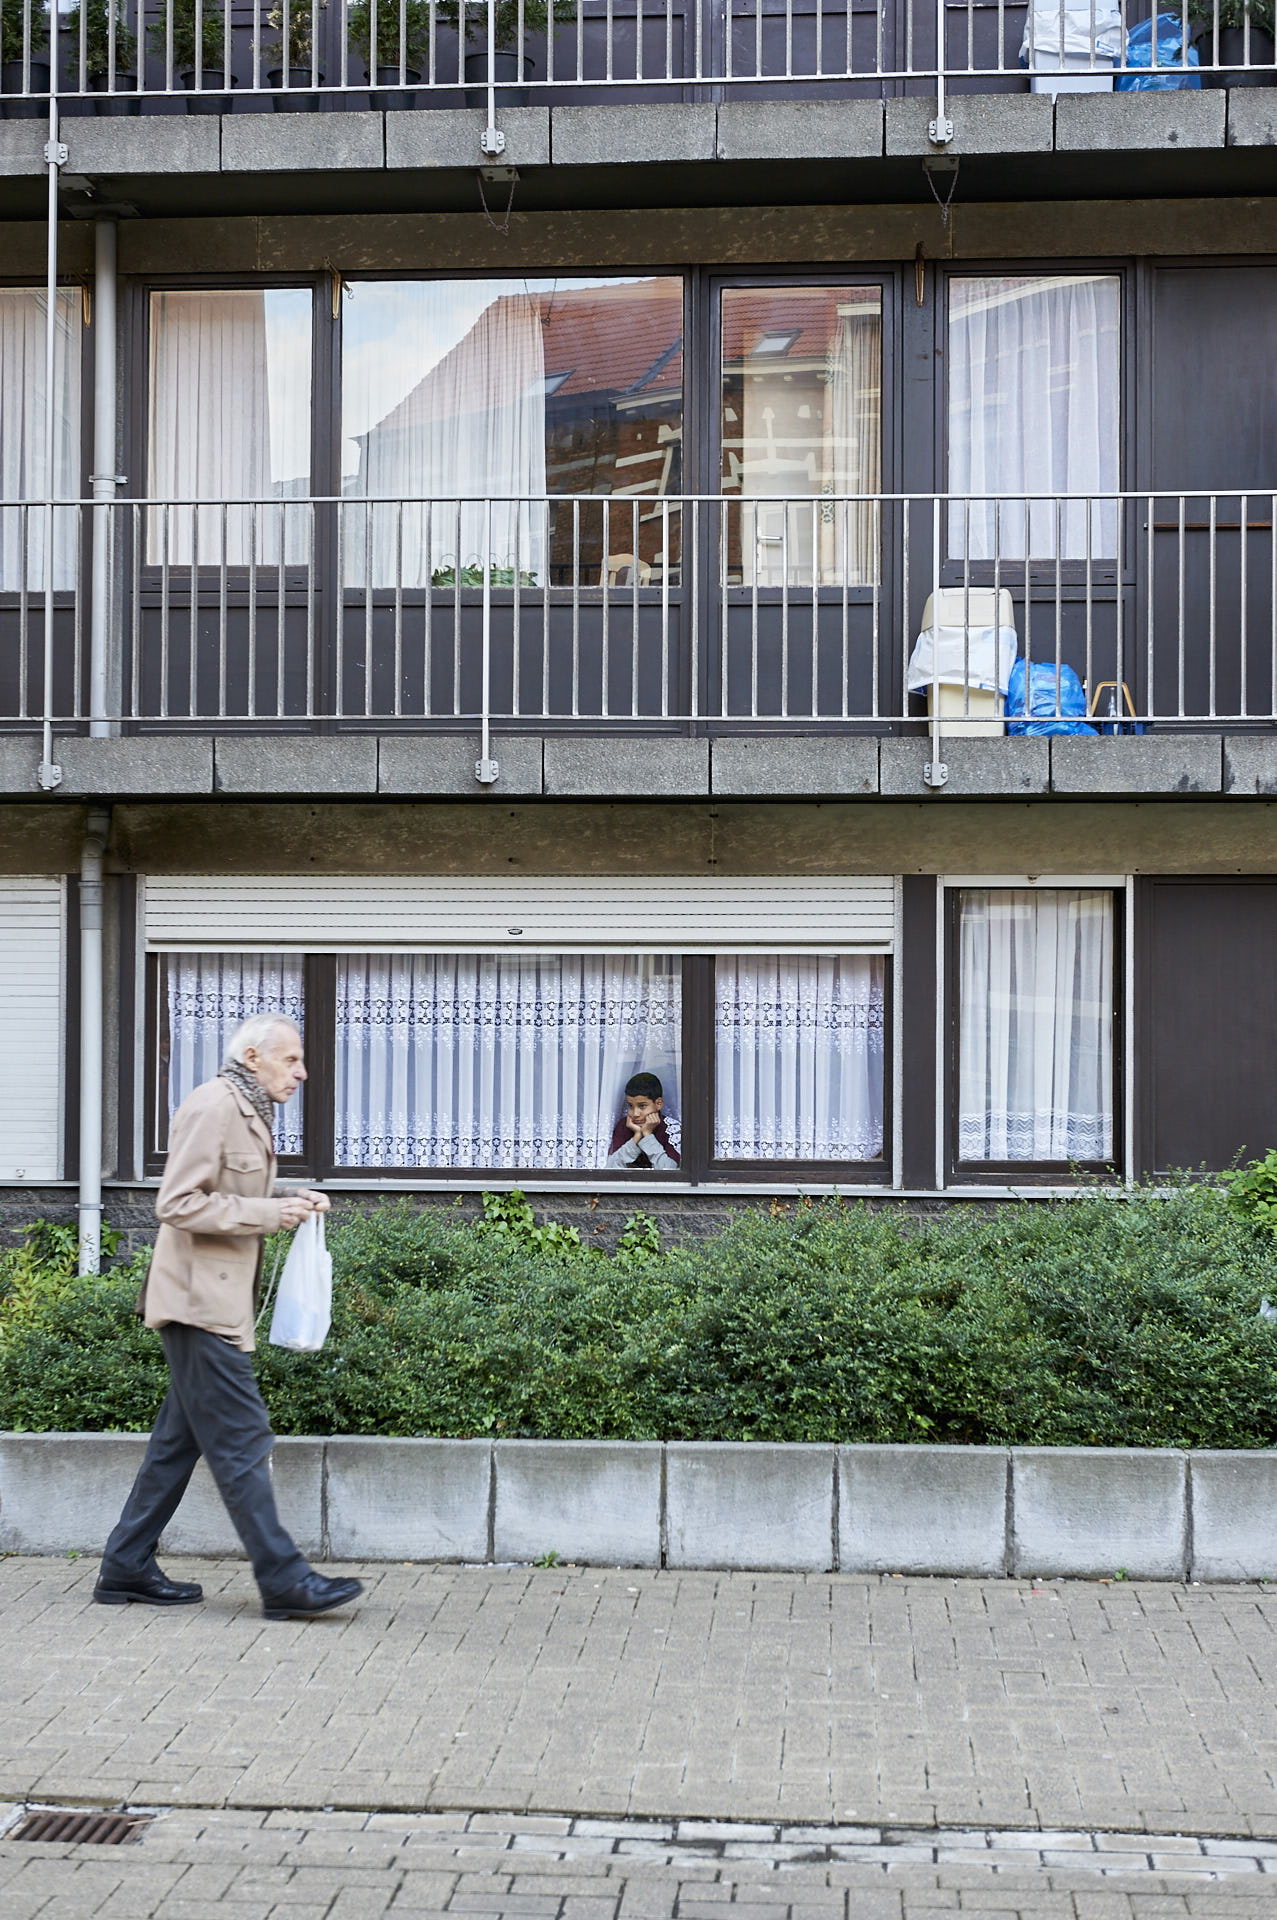 Schaerbeek, Brussel, oude man met tasje, jongen kijkt van achter het raam, fotografie ,Frank Penders